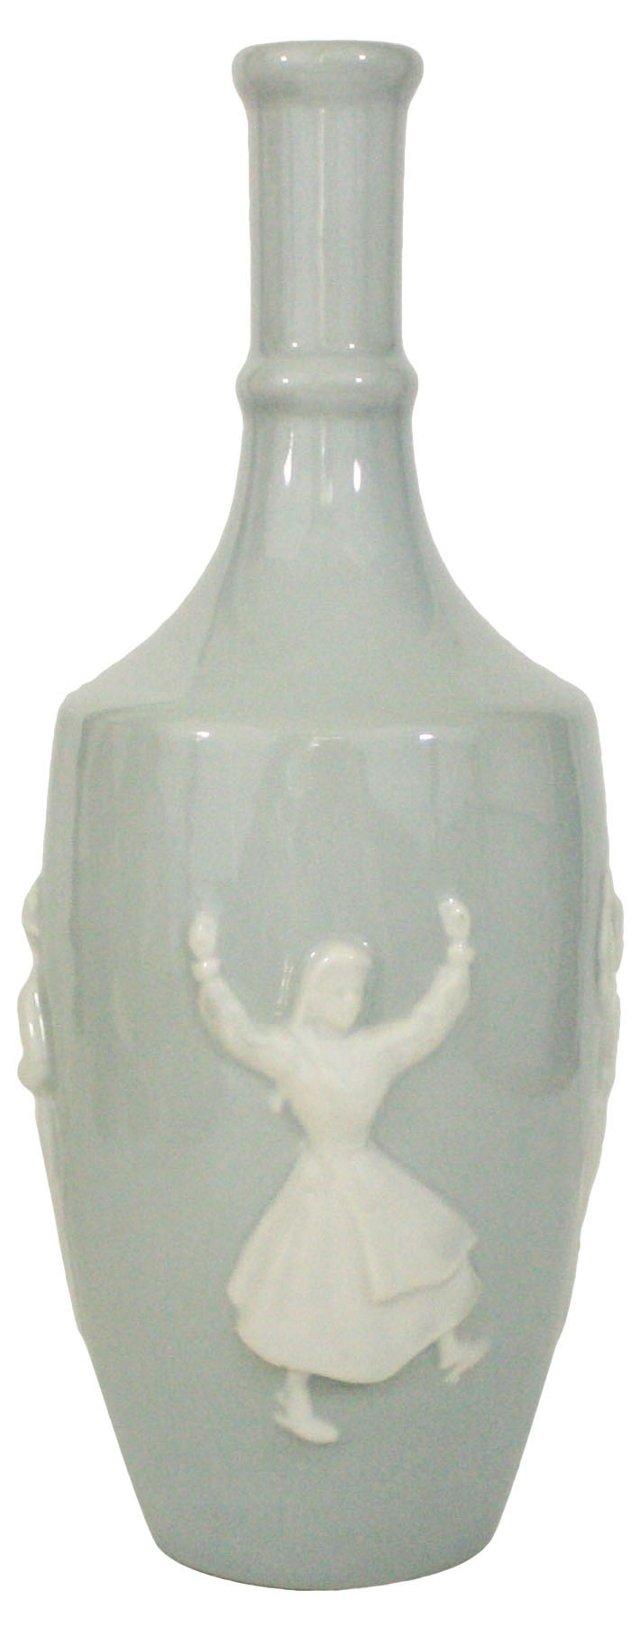 Portuguese Porcelain Decanter